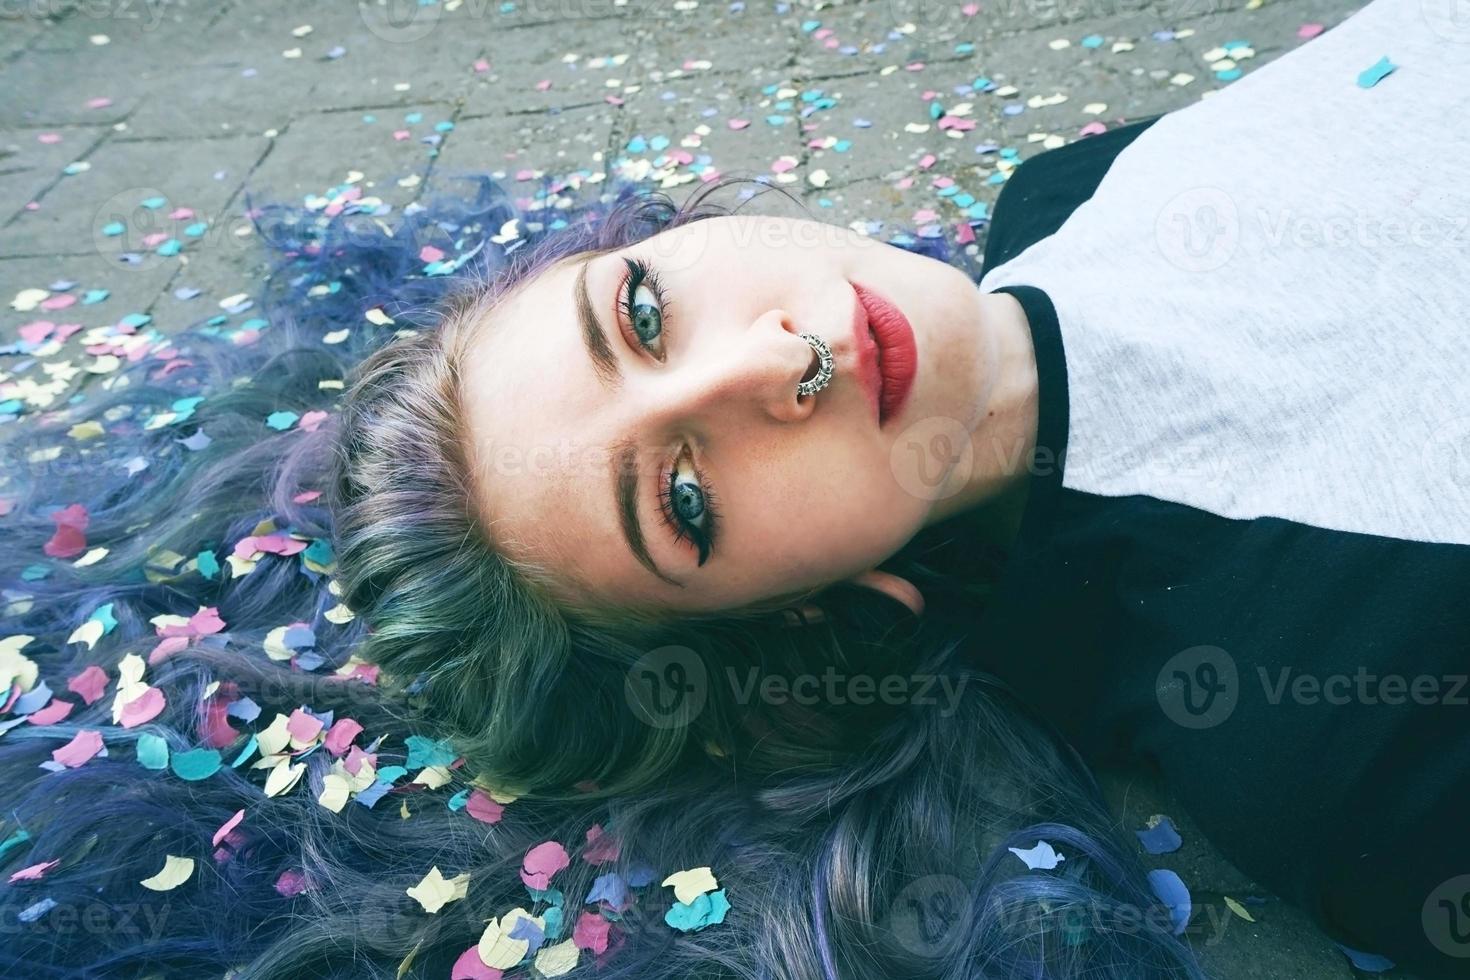 mooie jonge vrouw omringd door confetti foto